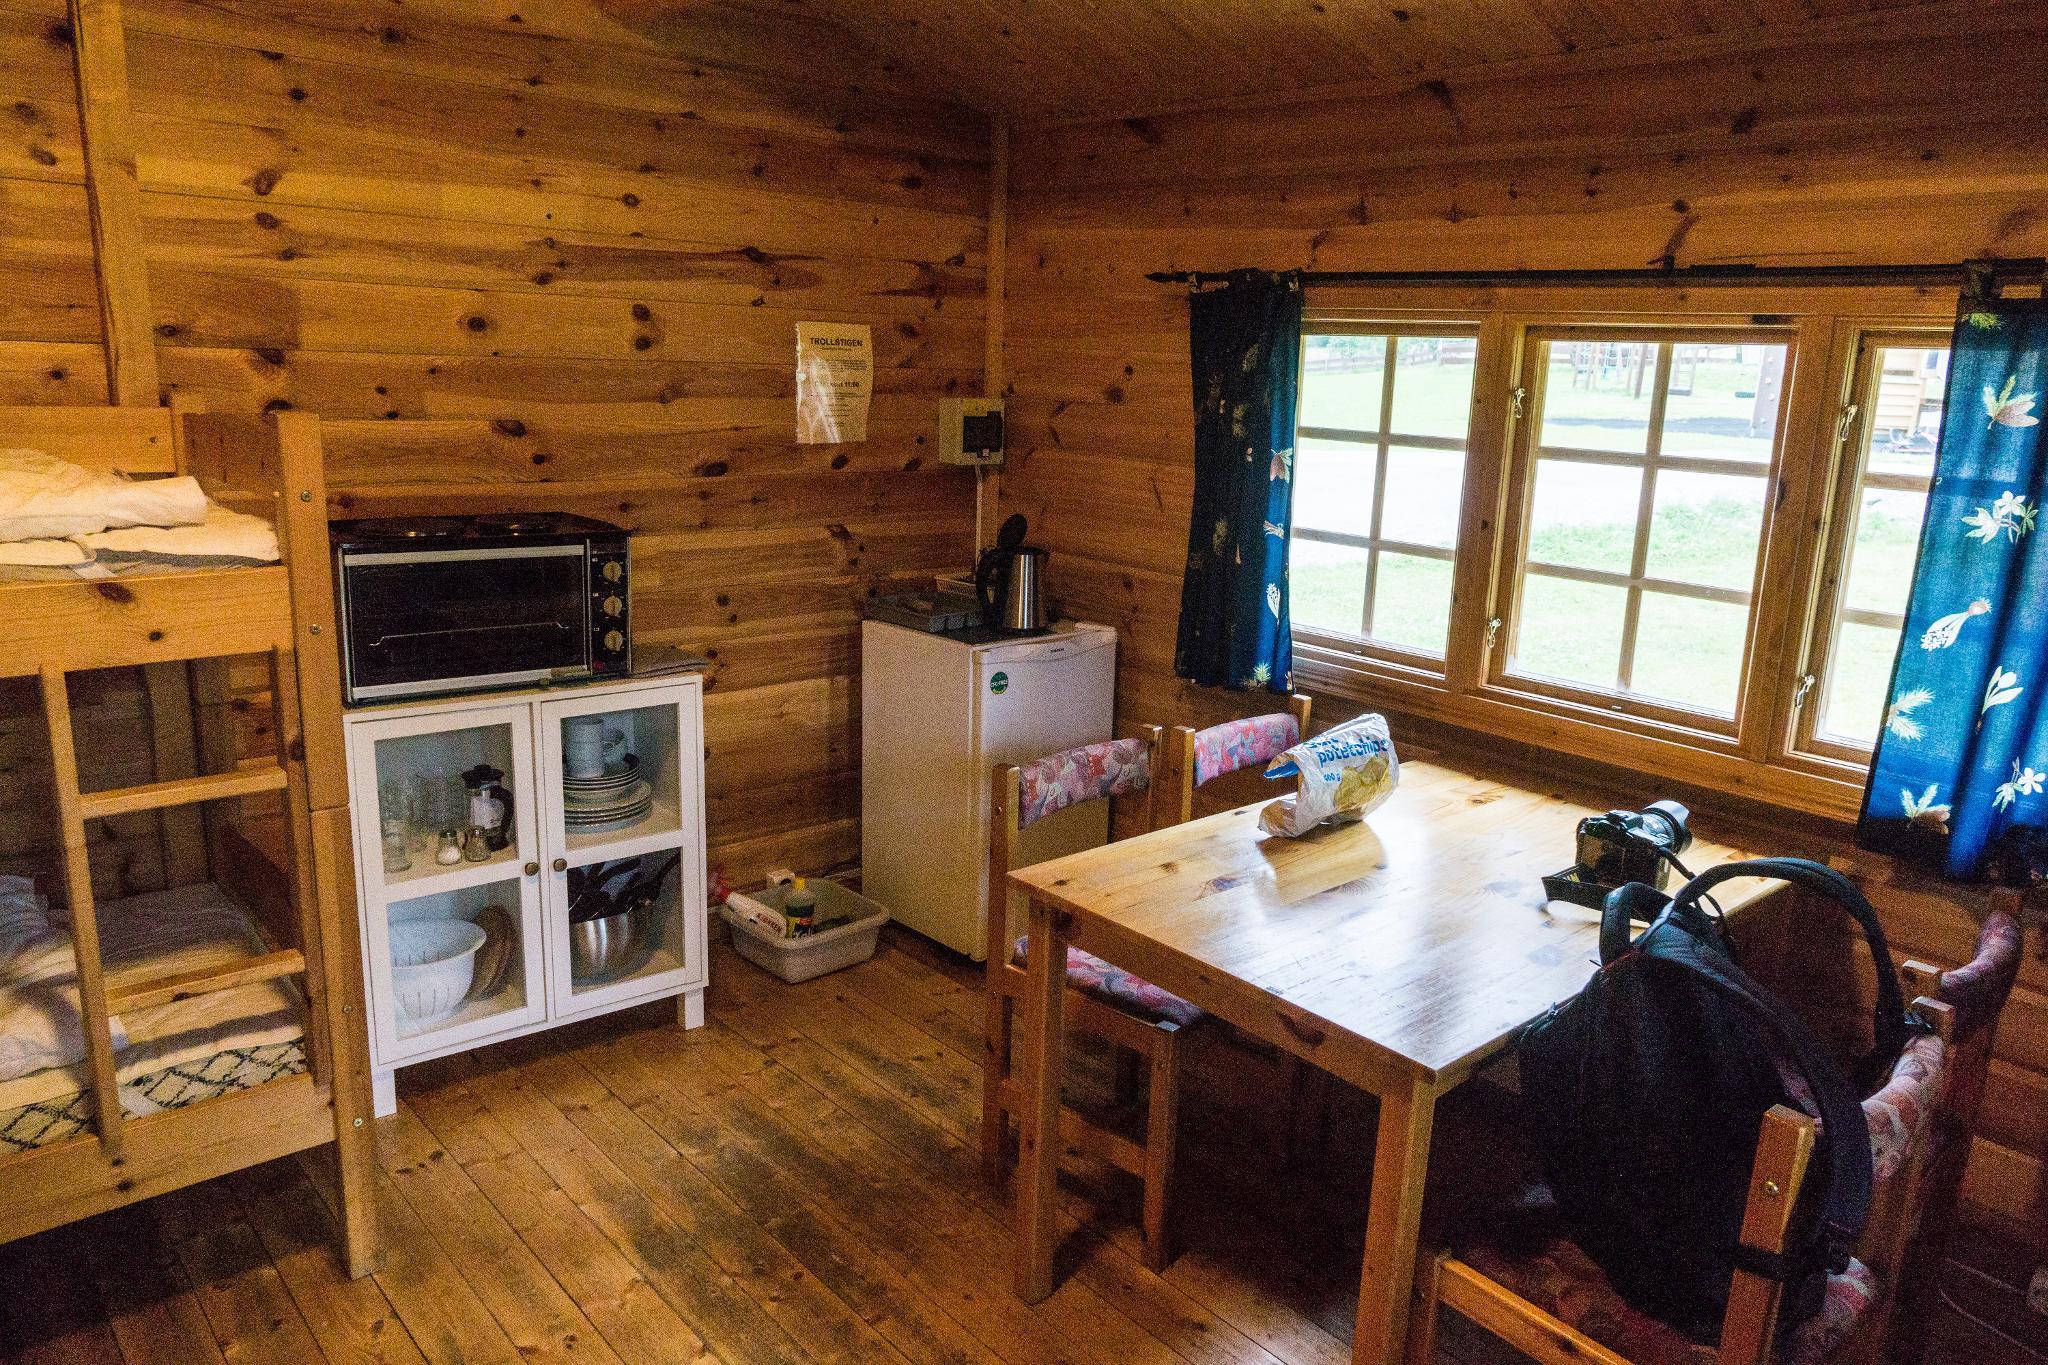 【北歐露營】在妖精出沒的峽谷中露營 - Trollstigen Camping 14